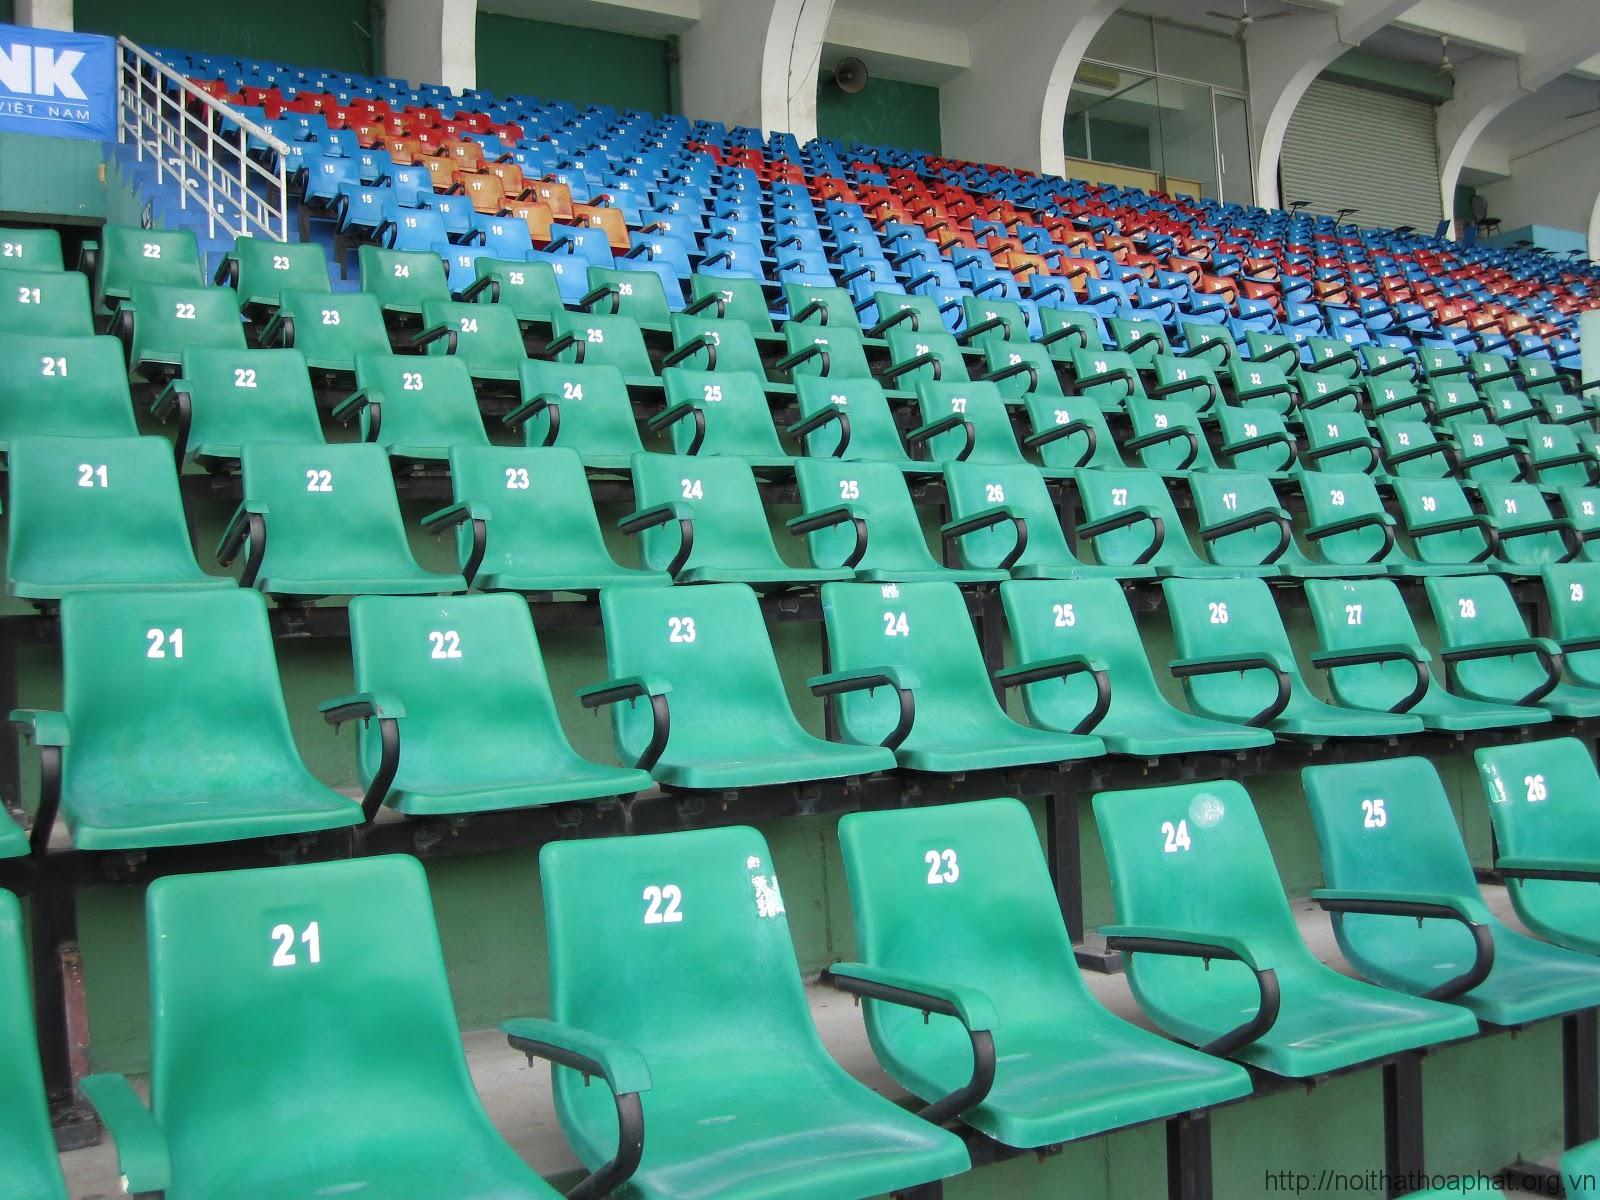 Điểm Mặt 6 Ghế Sân Vận Động Hòa Phát Giá Tốt Năm 2018